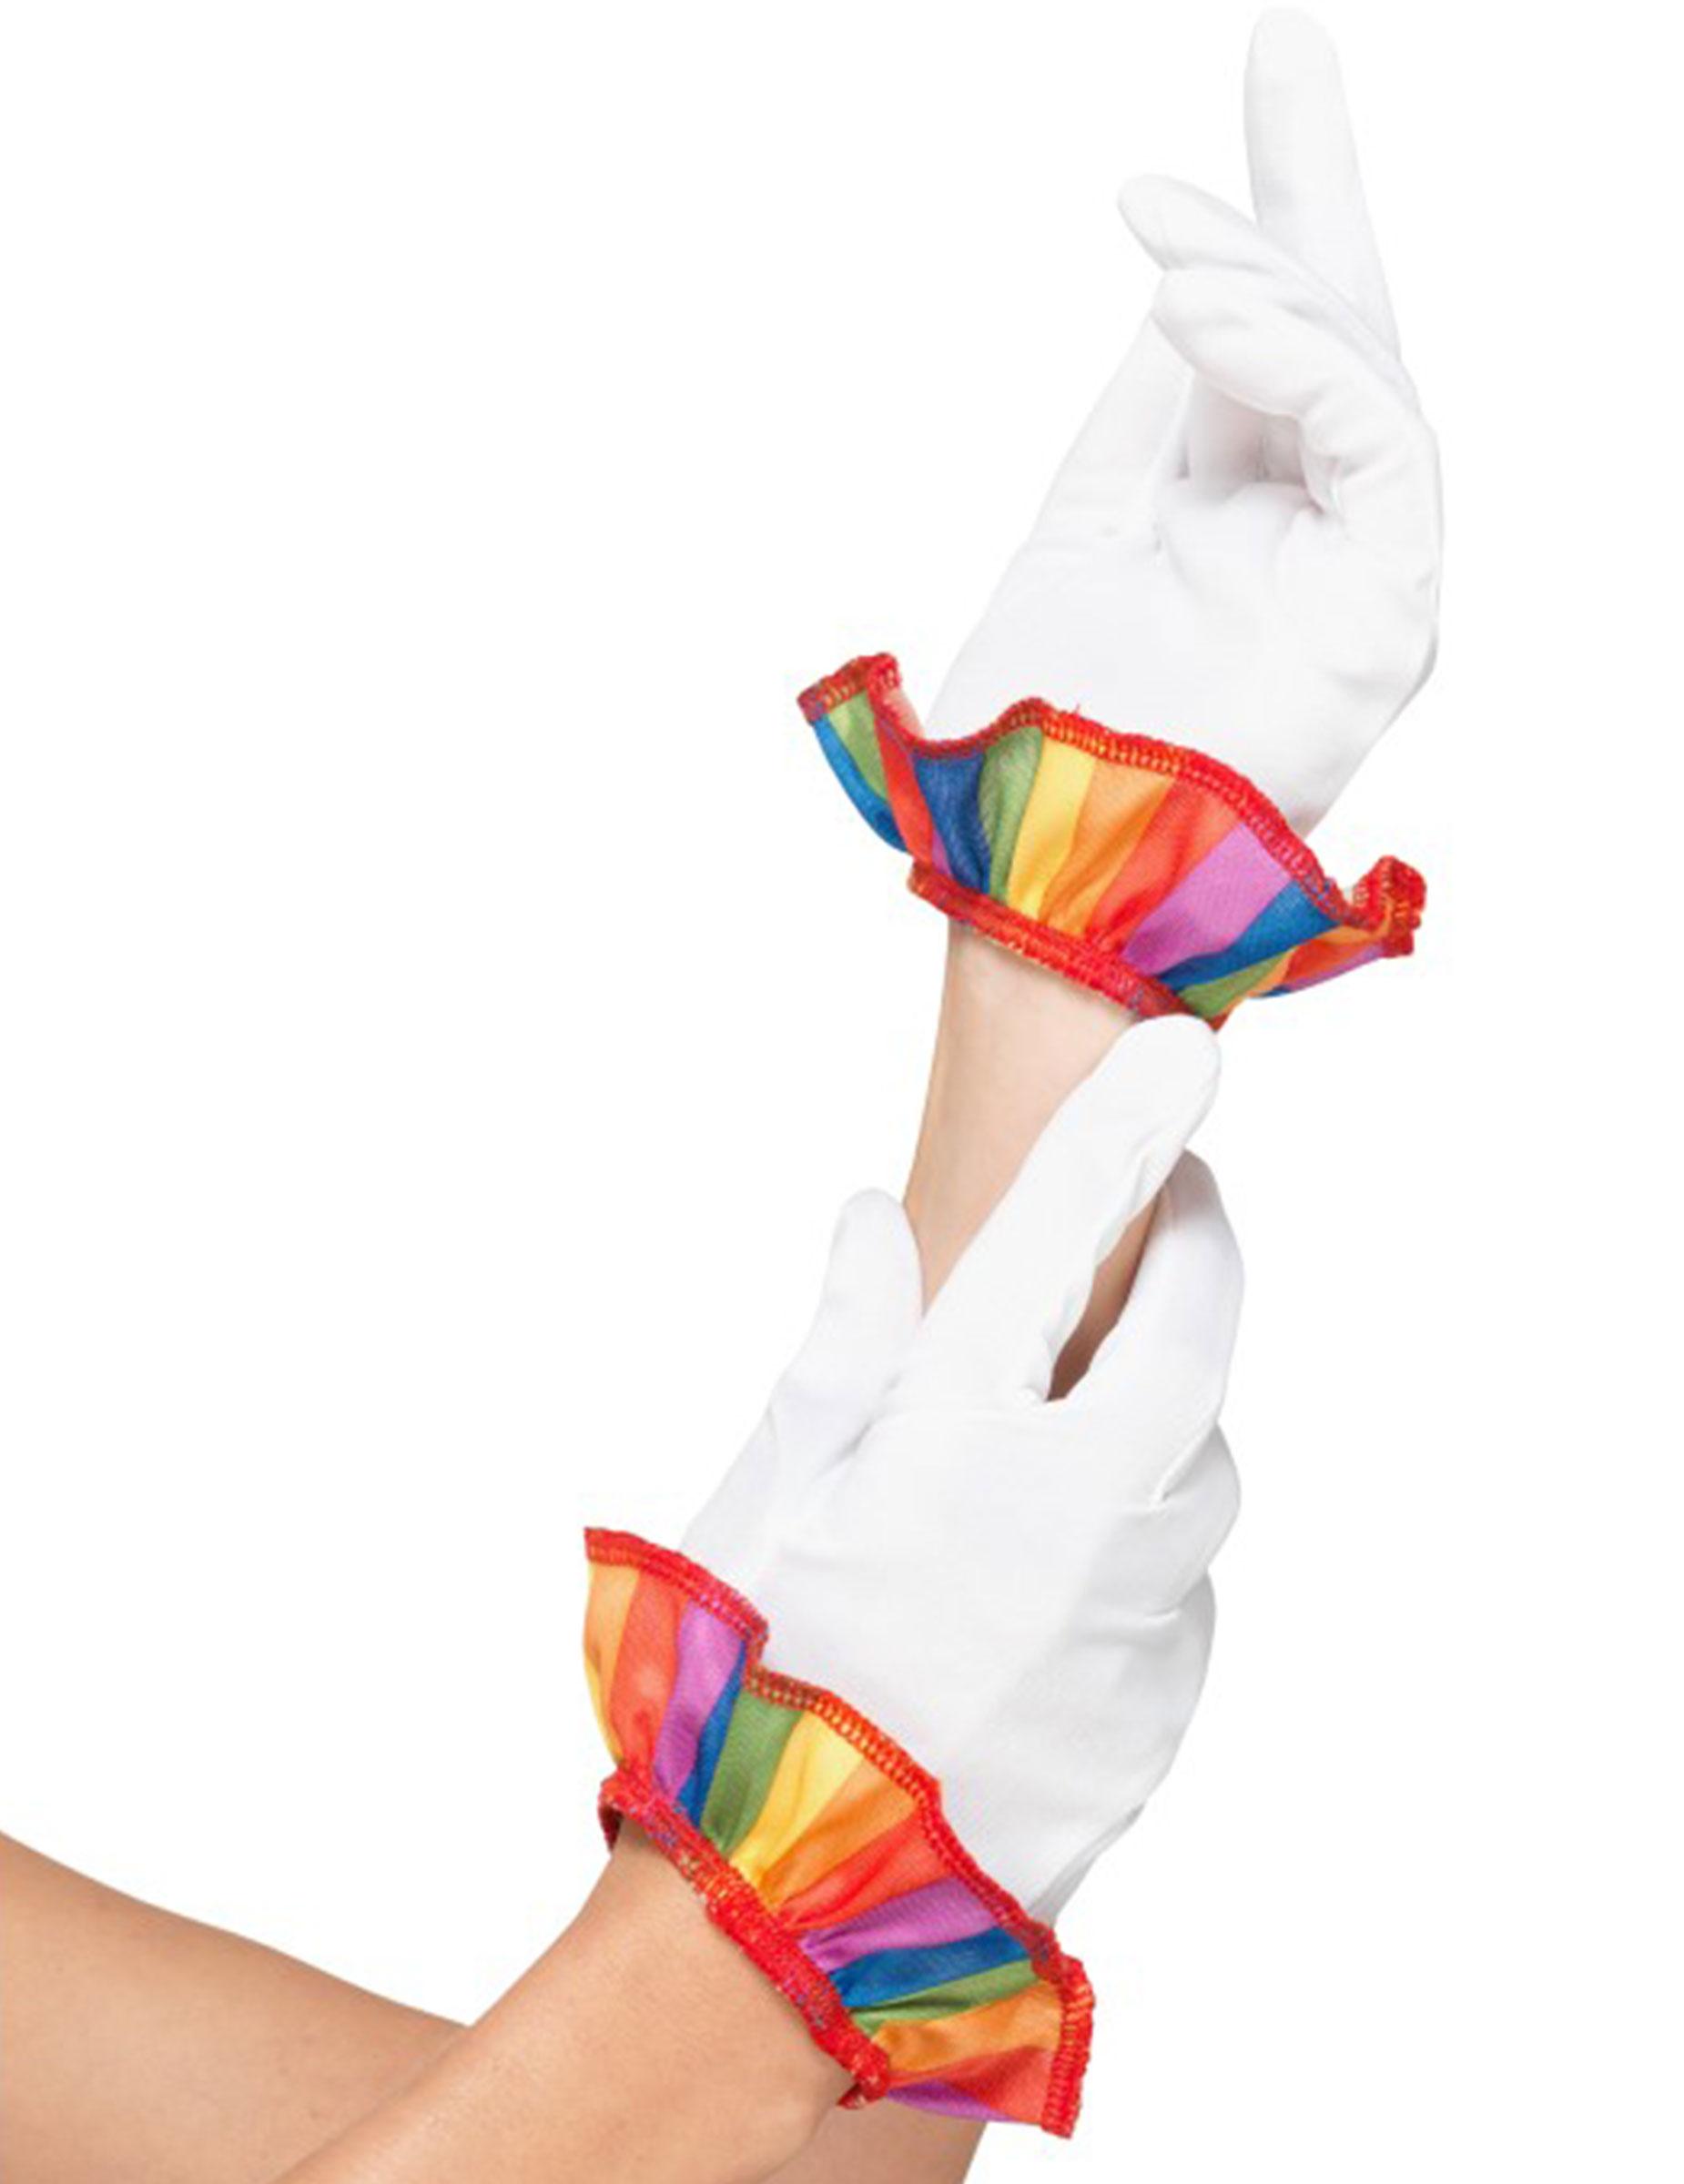 #Clown-Damenhandschuhe Zirkus-Zubehör weiss-bunt#